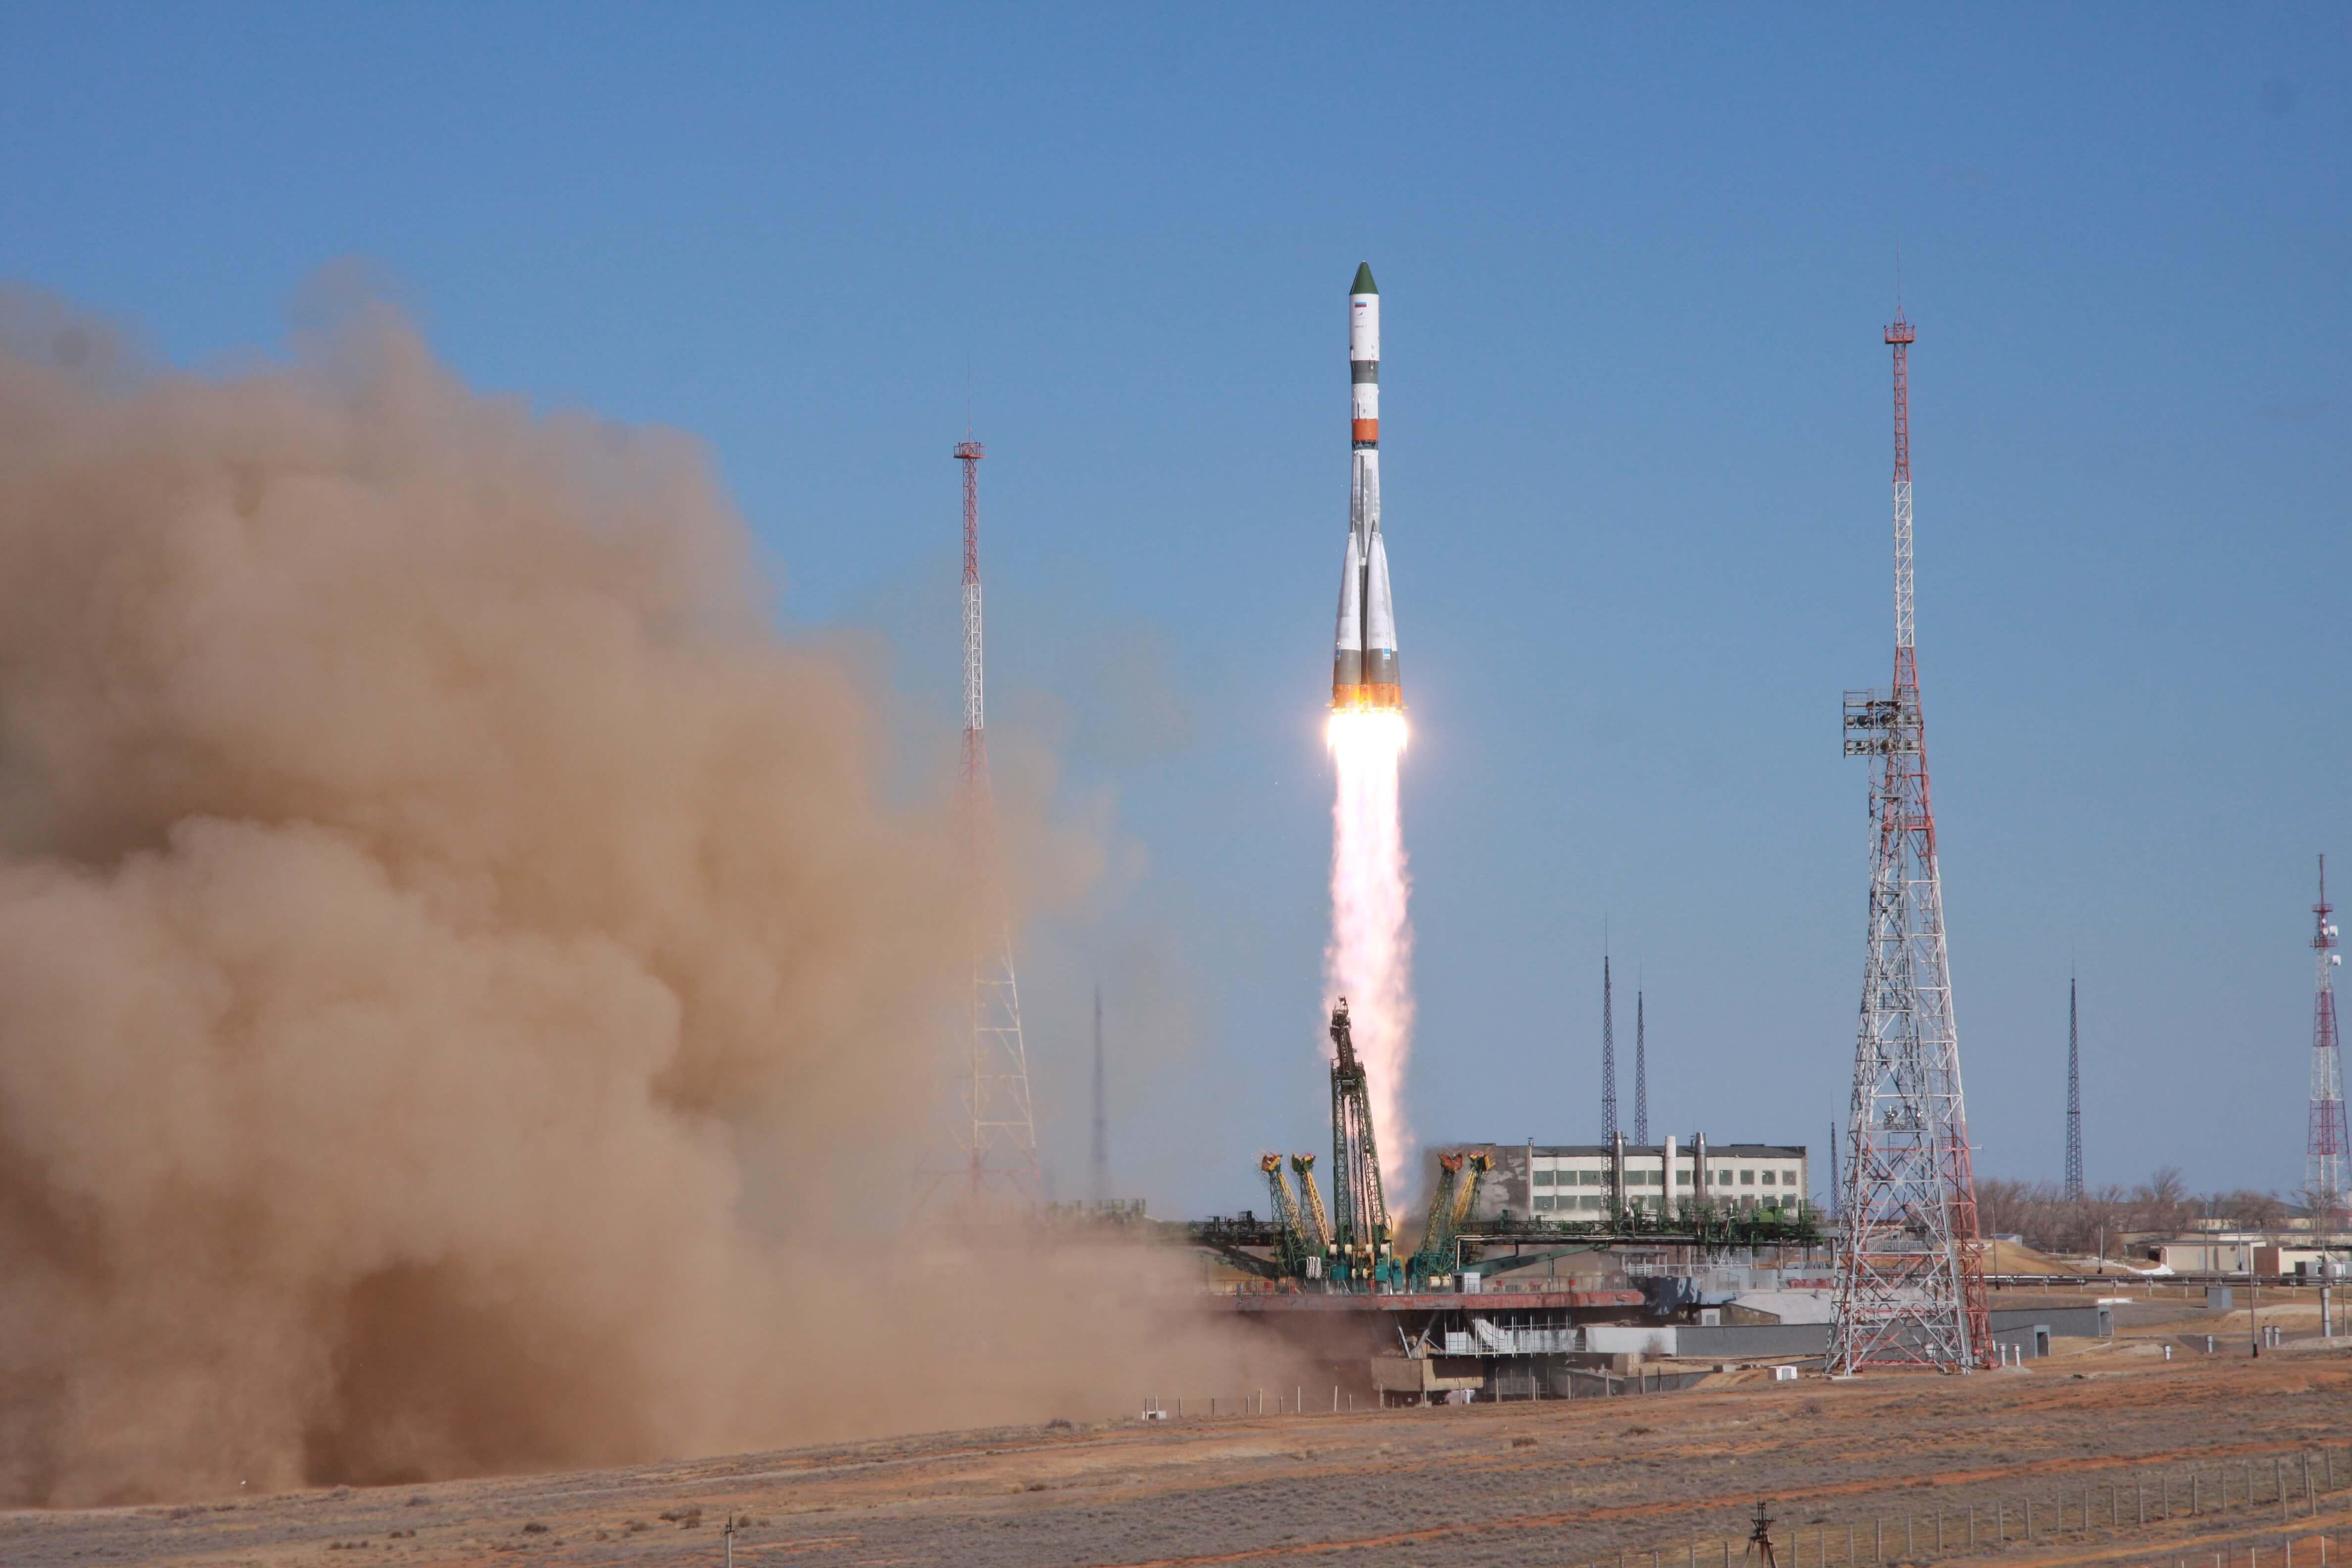 Американская компания SpaceX успешно запустила ракету-носитель Falcon-9